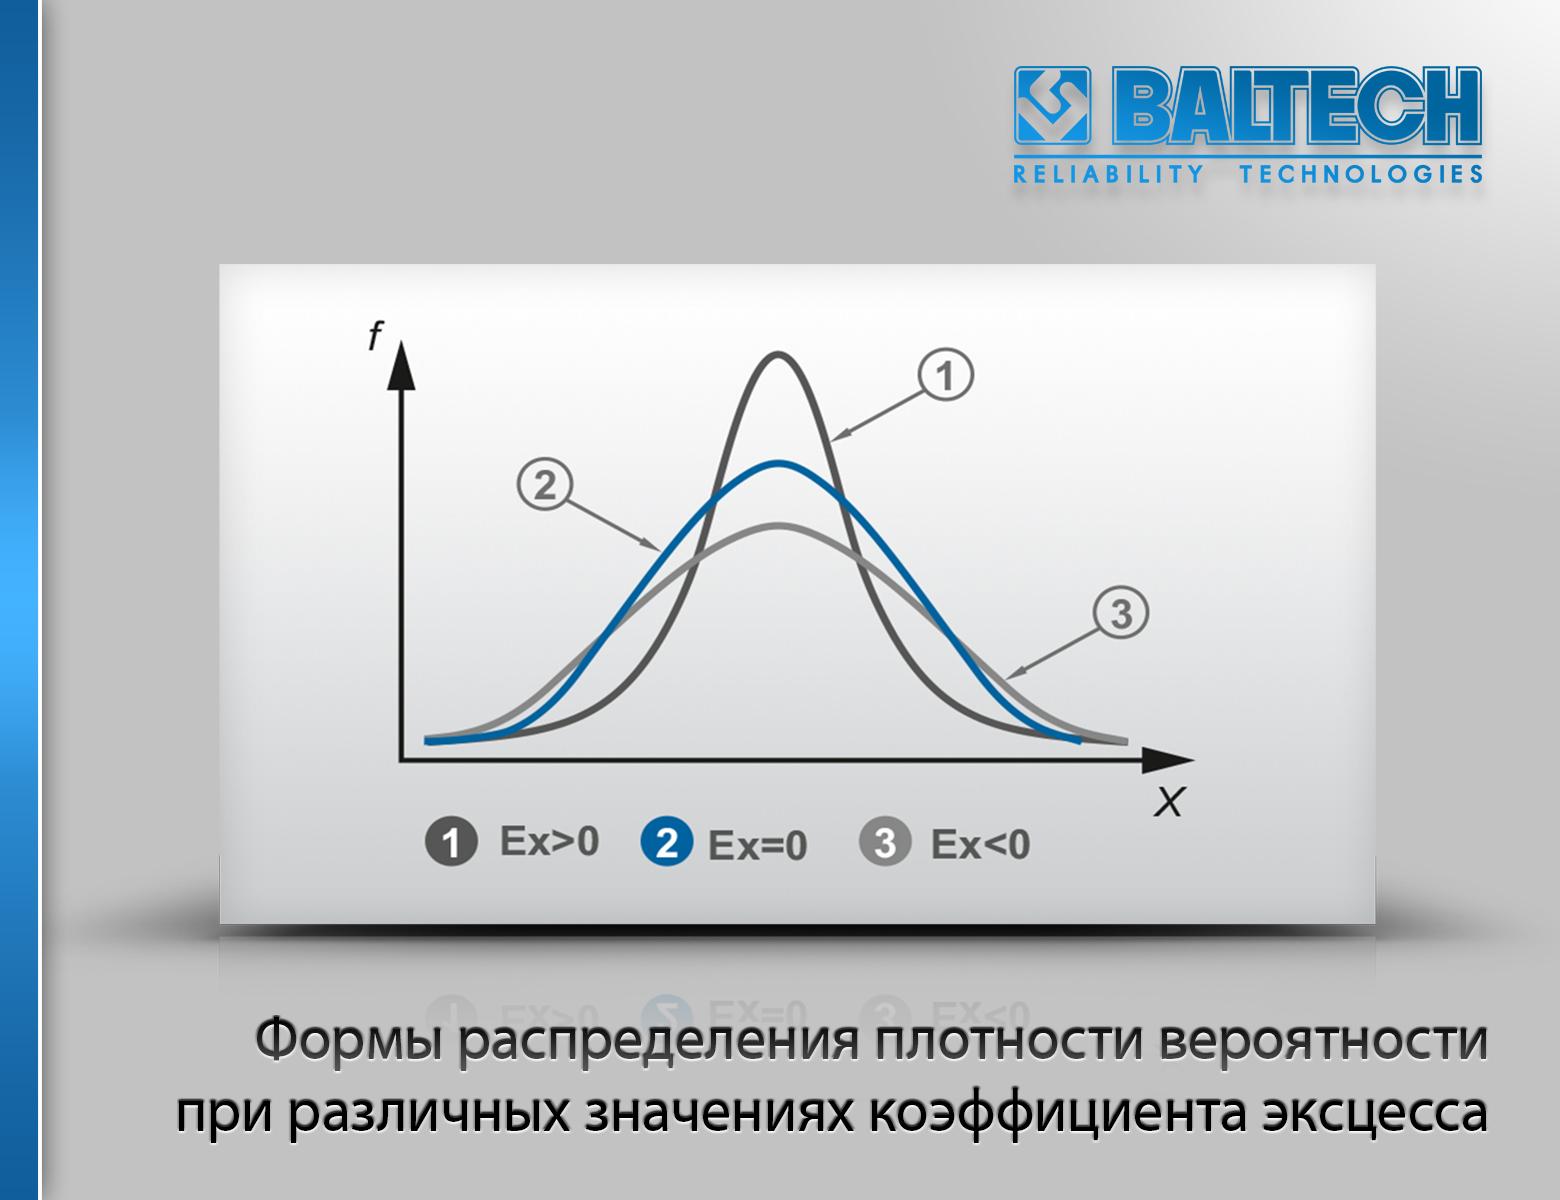 Формы распределения плотности вероятности при различных значениях коэффициента эксцесса, нормальное распределение Гаусса